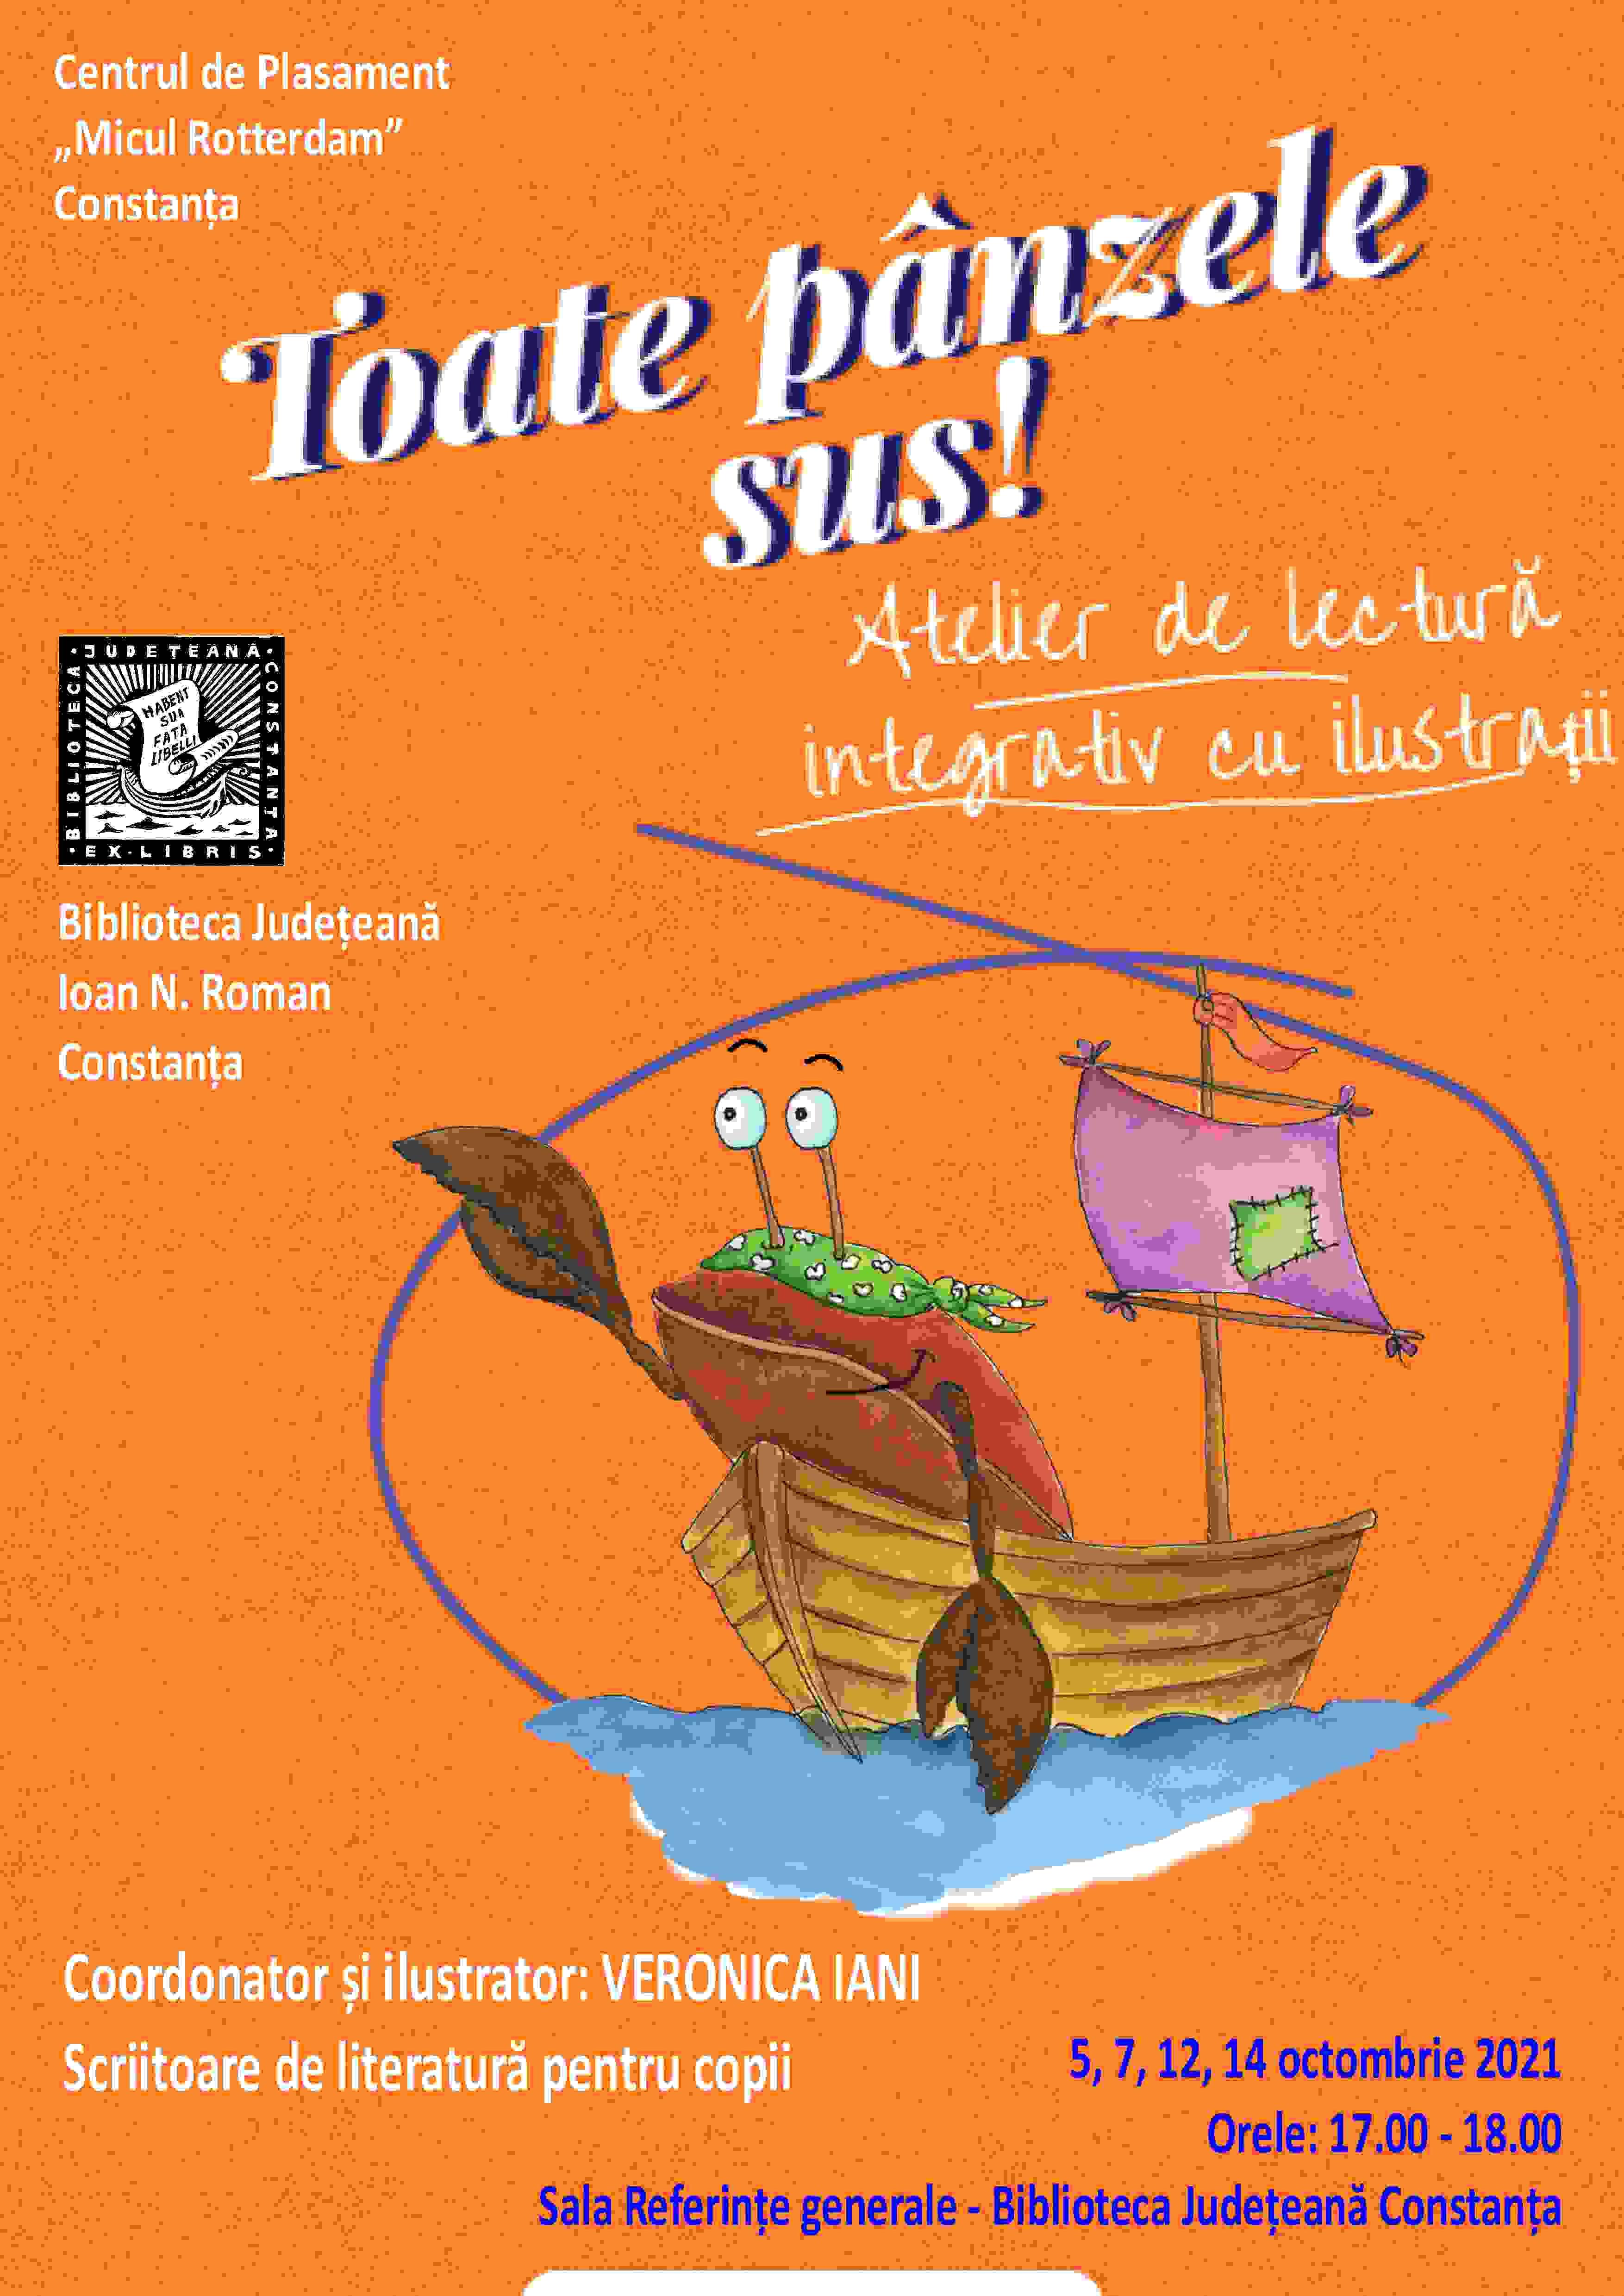 """Atelier de lectură """"Toate pânzele sus!"""" - 5, 7, 12, 14 octombrie"""